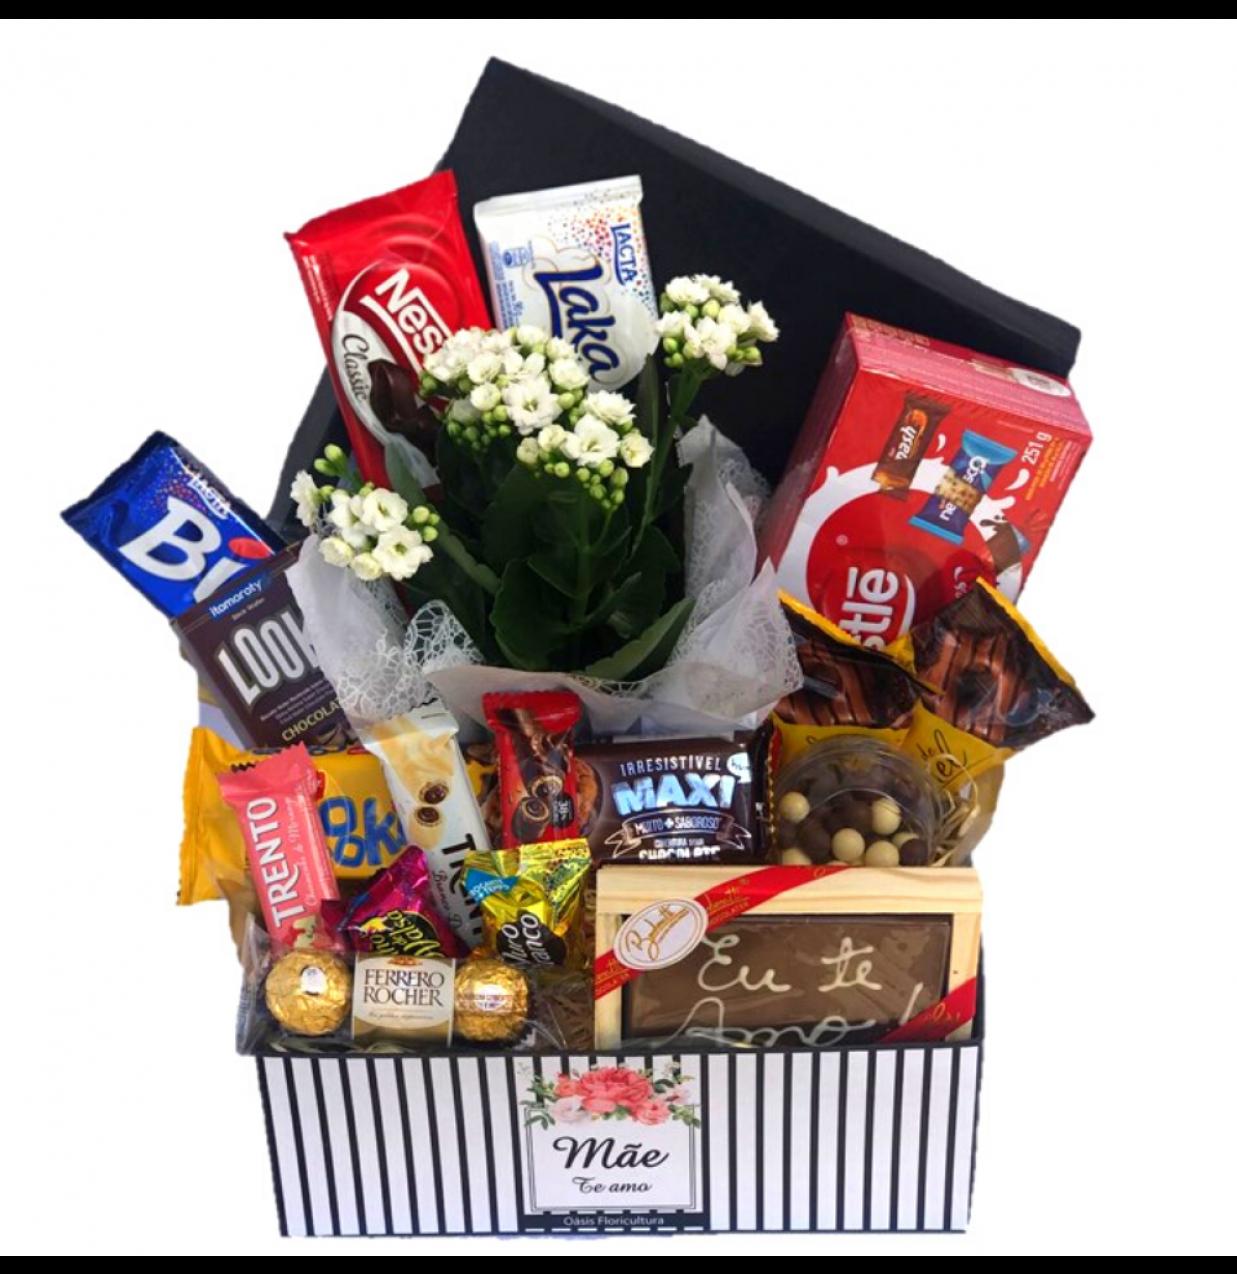 cesta-dia-maes-chocolates